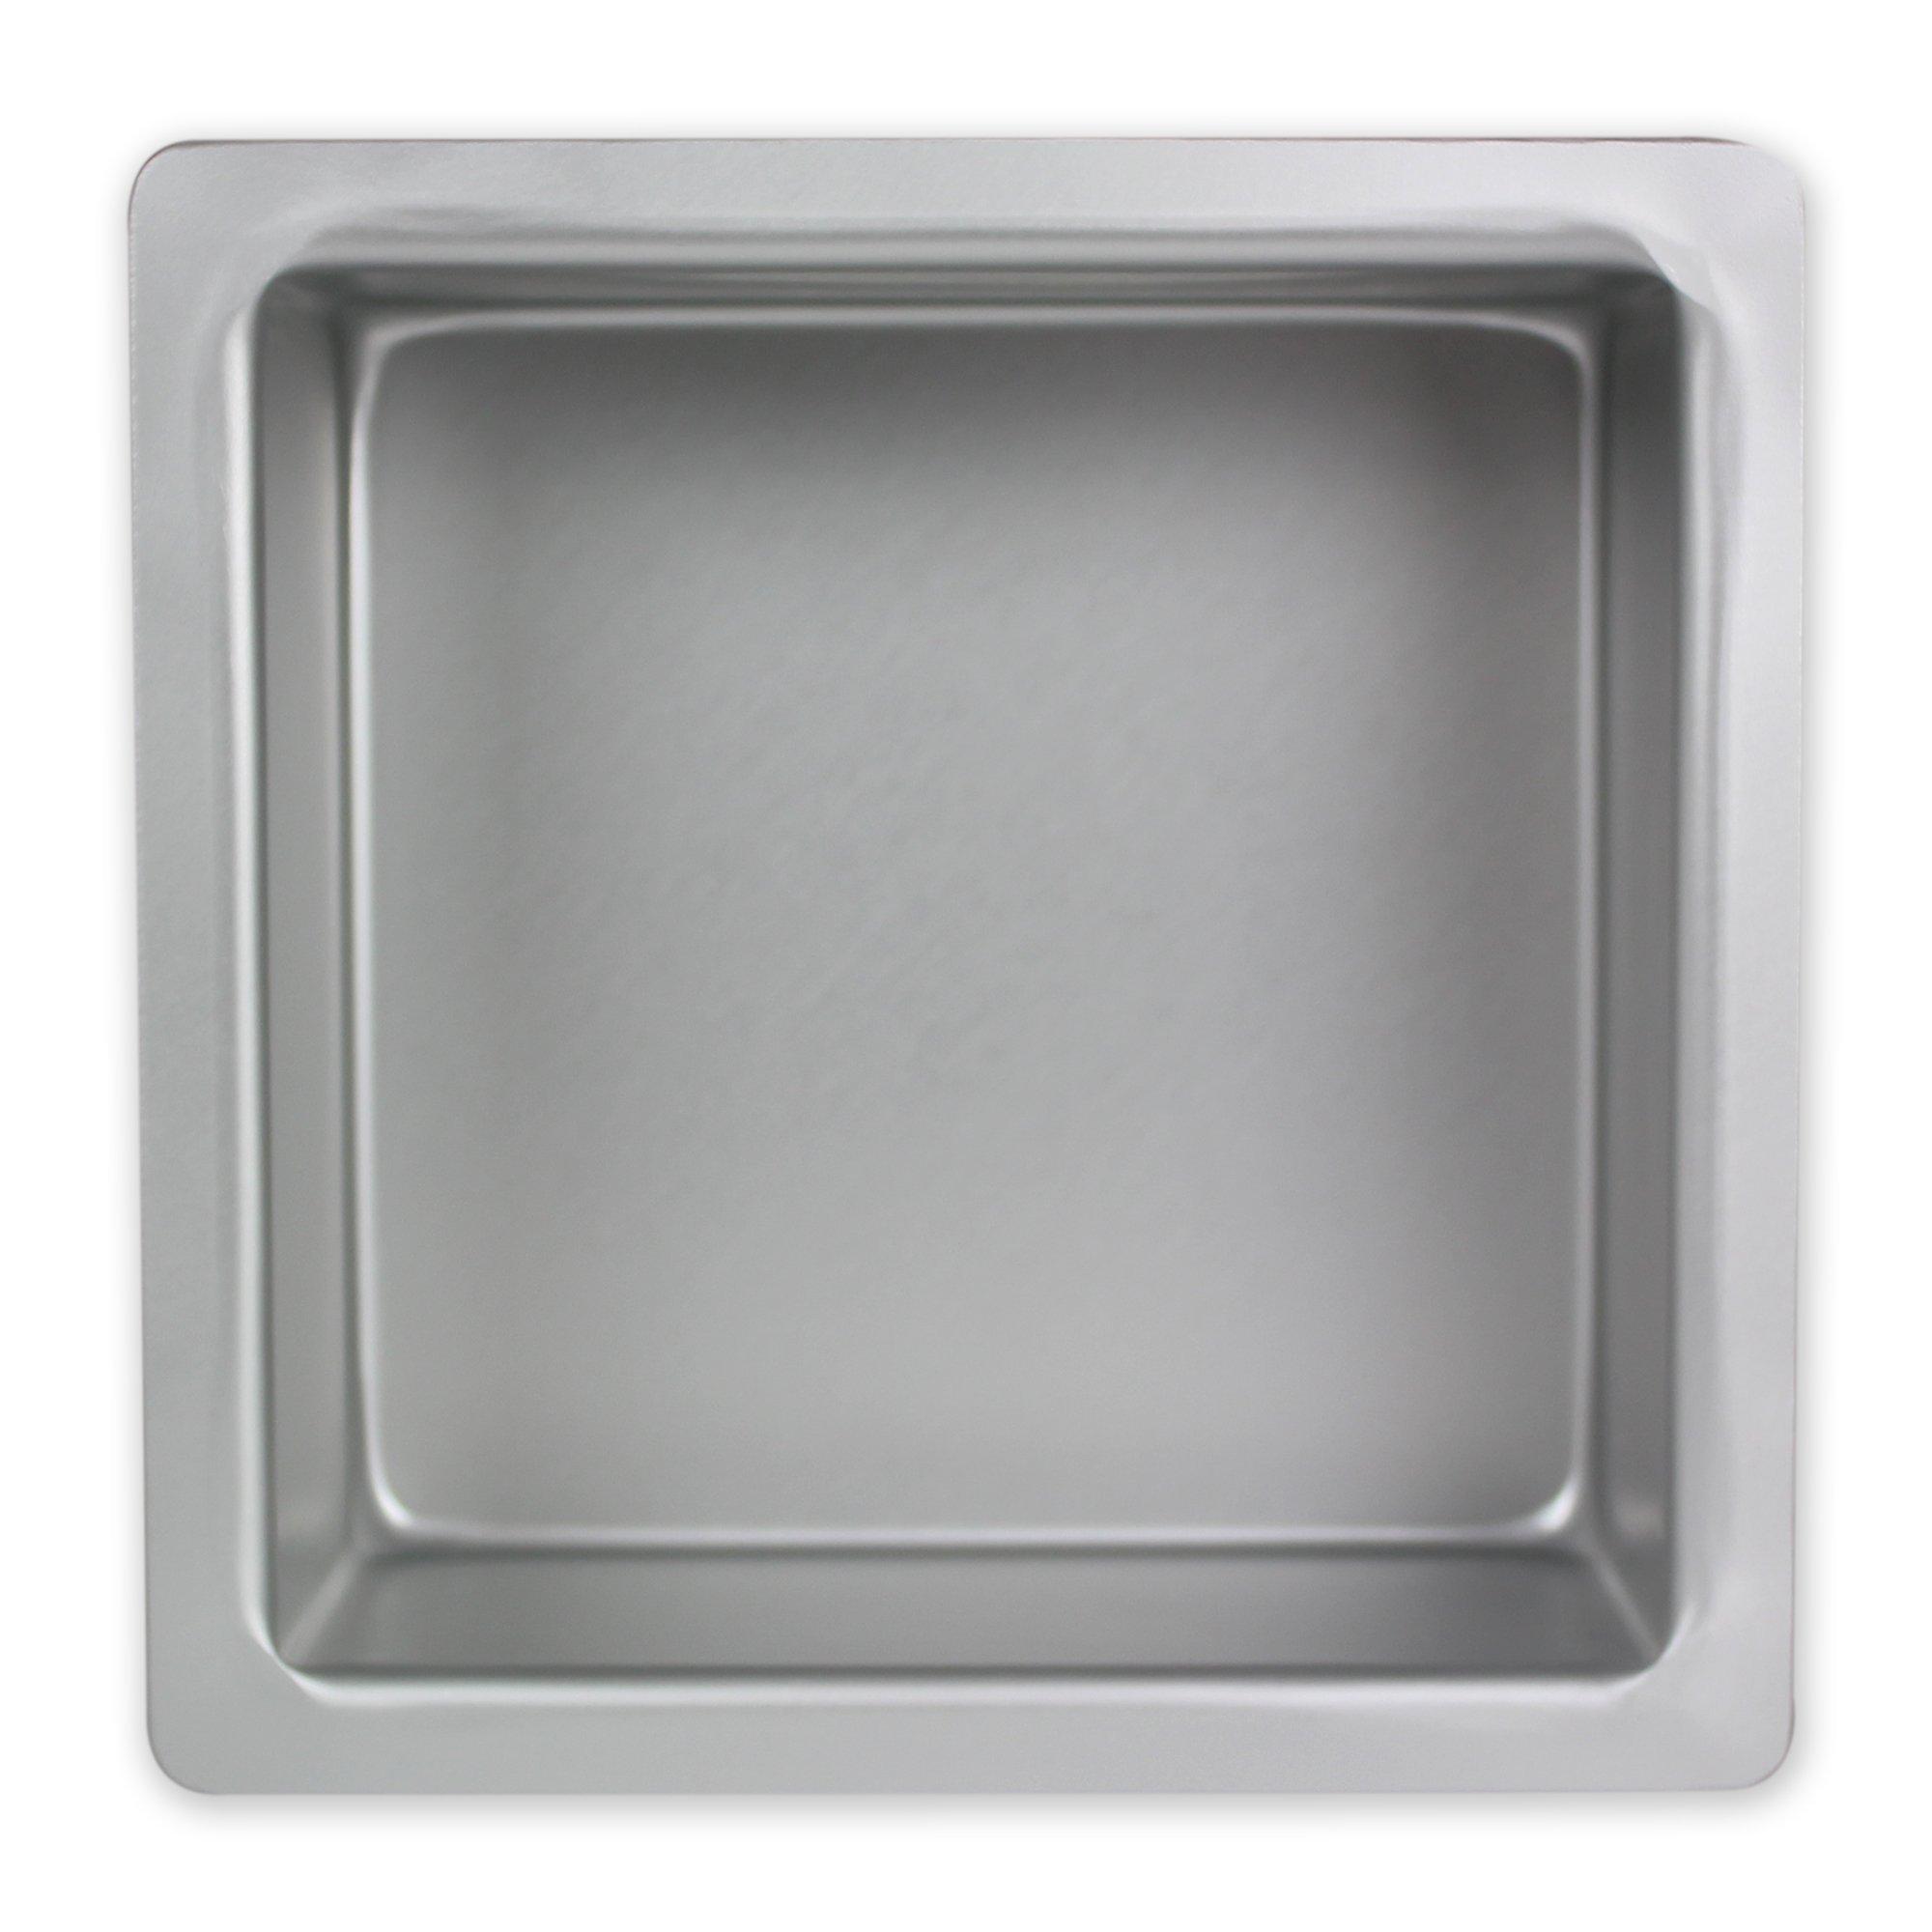 PME - Teglia Professionale Quadrata in Alluminio Anodizzato 10 x 10 x 10 cm